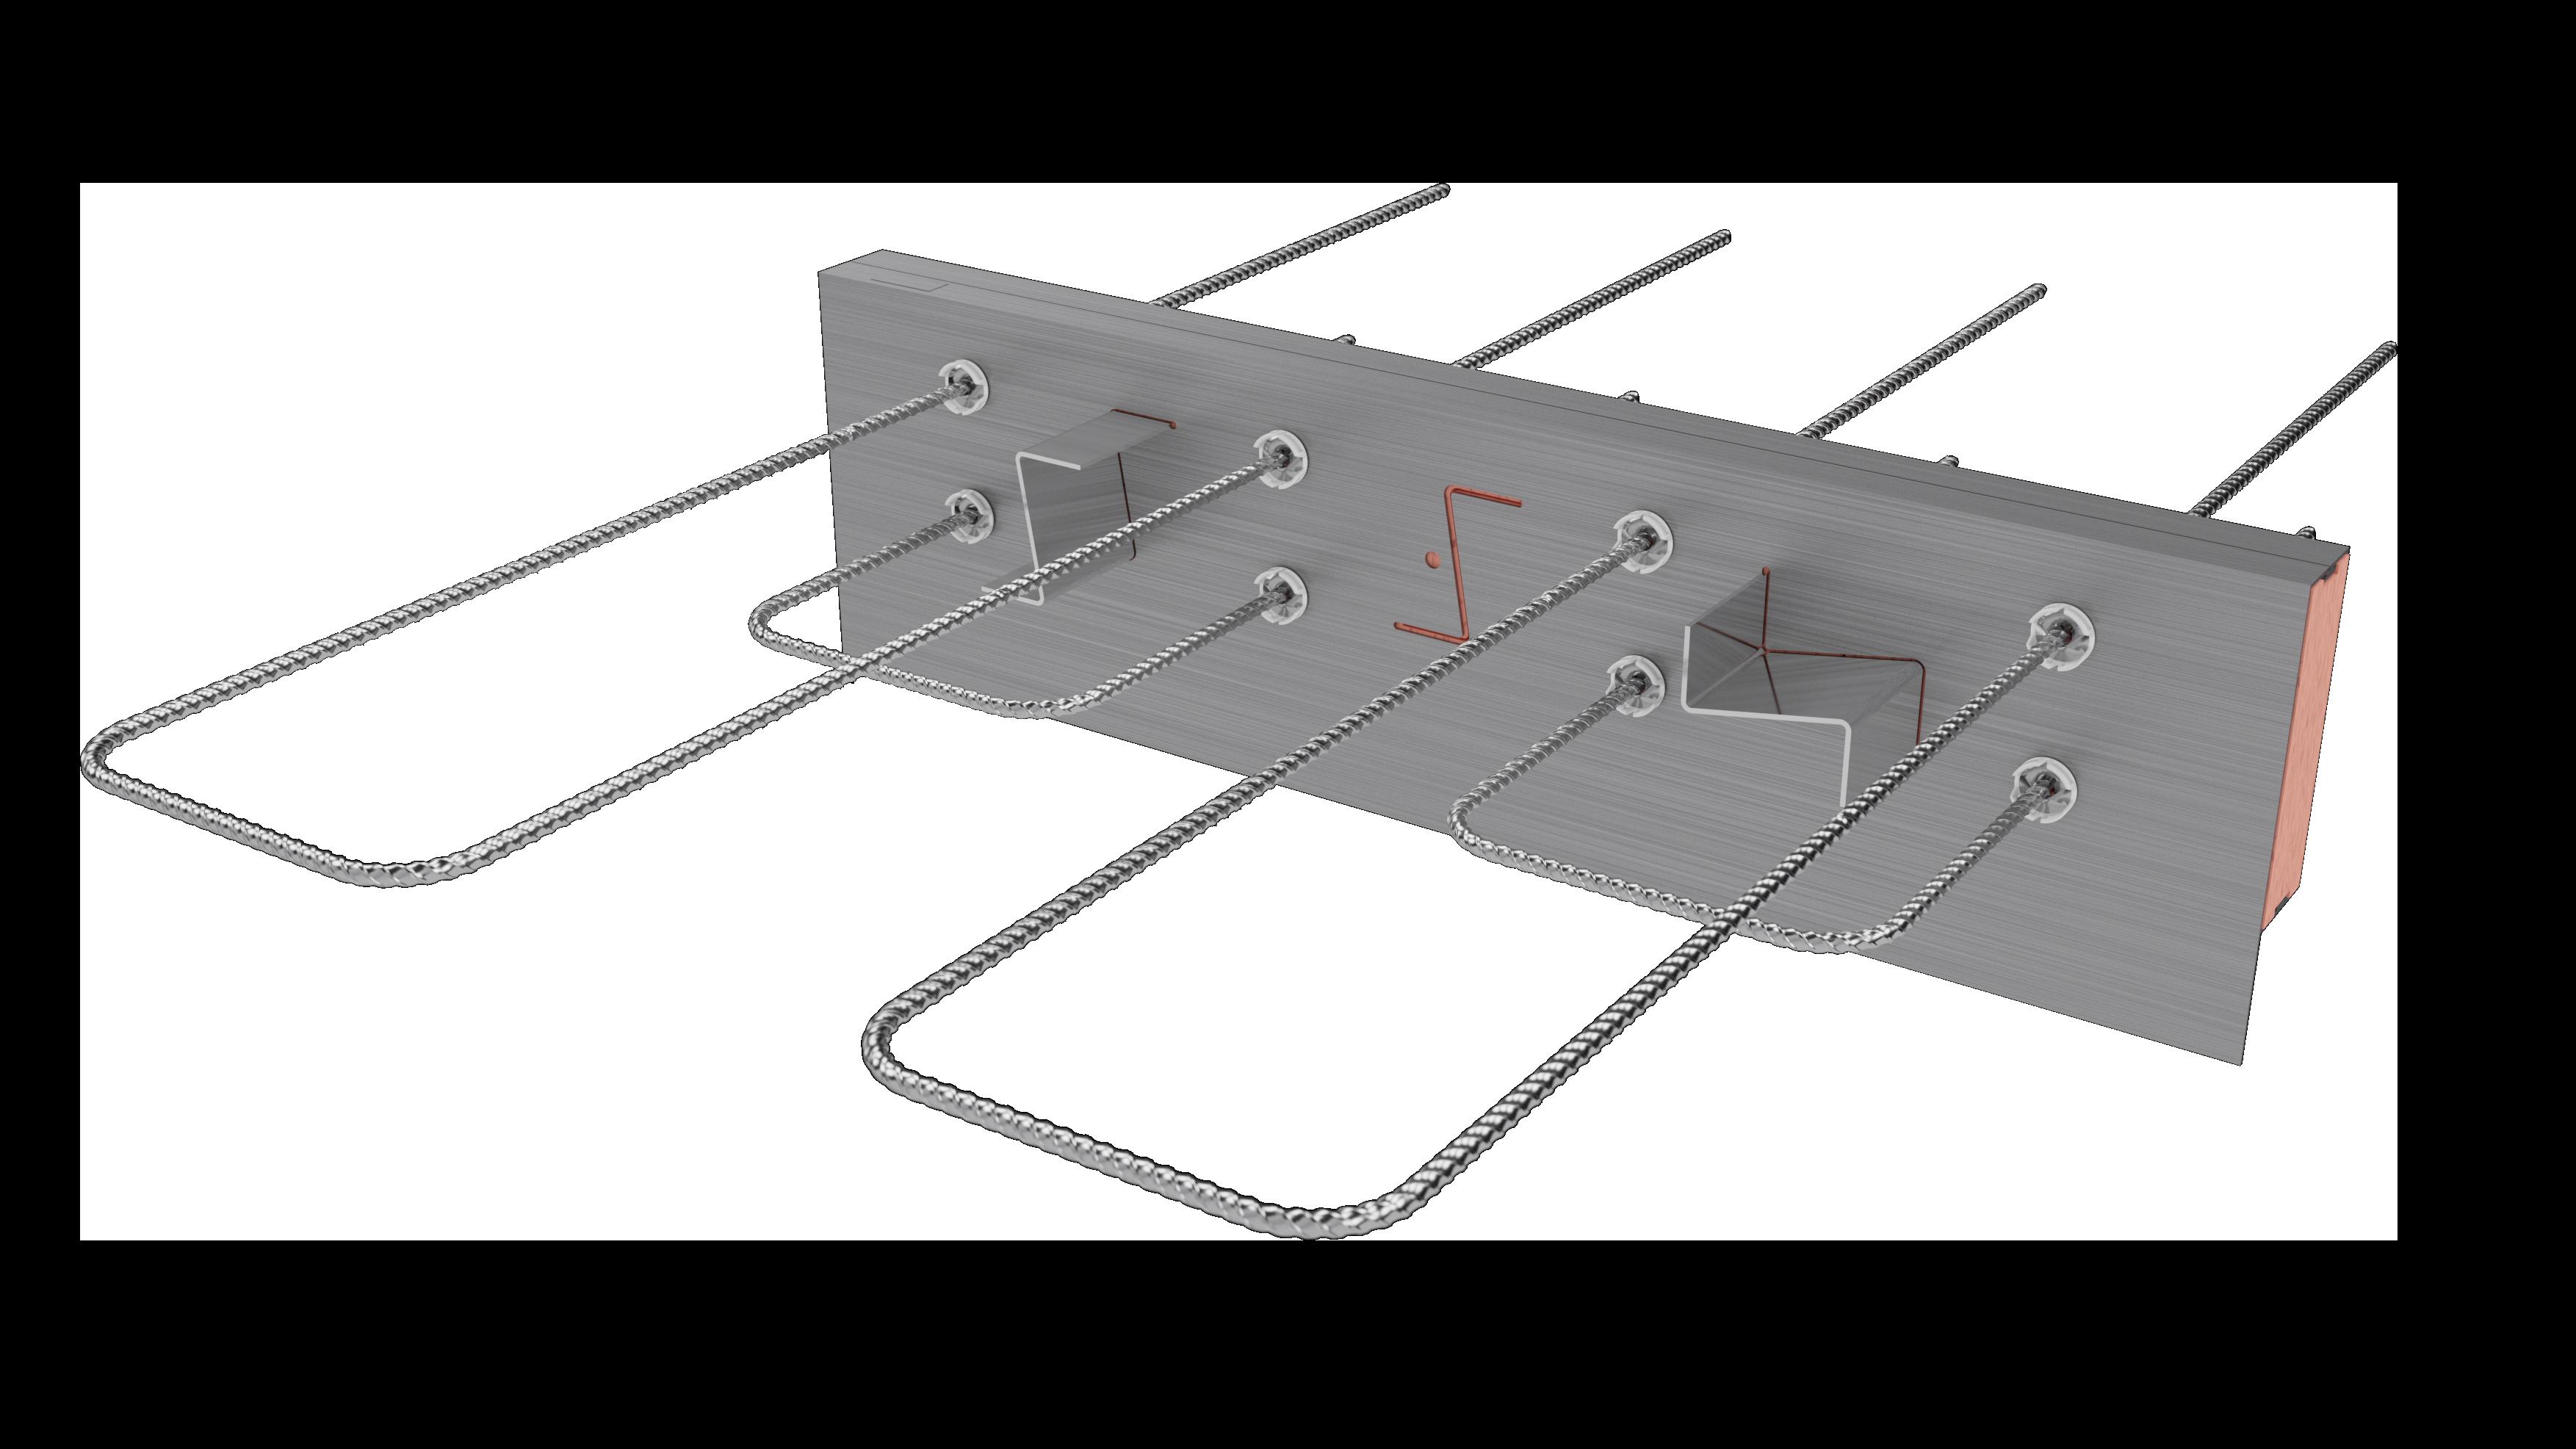 Le rupteur thermique Slabe se décline en une version balcon.